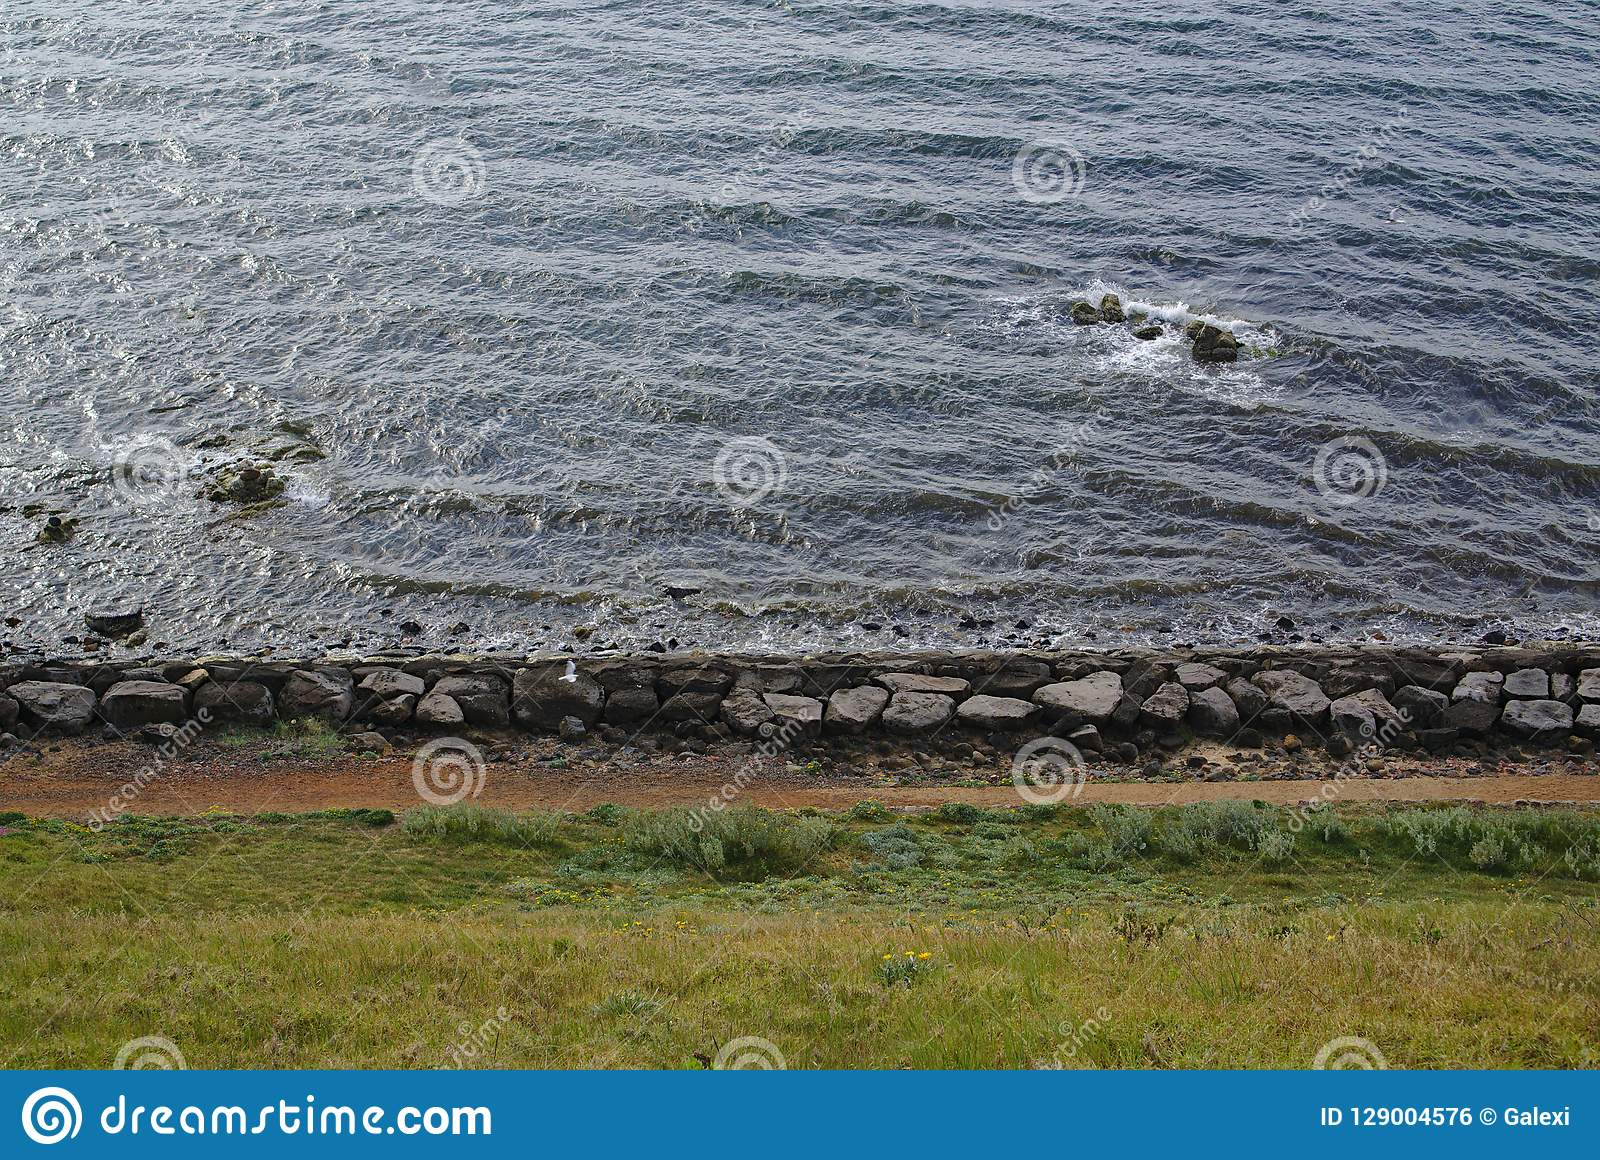 Lado de la playa con las piedras grandes y la hierba verde